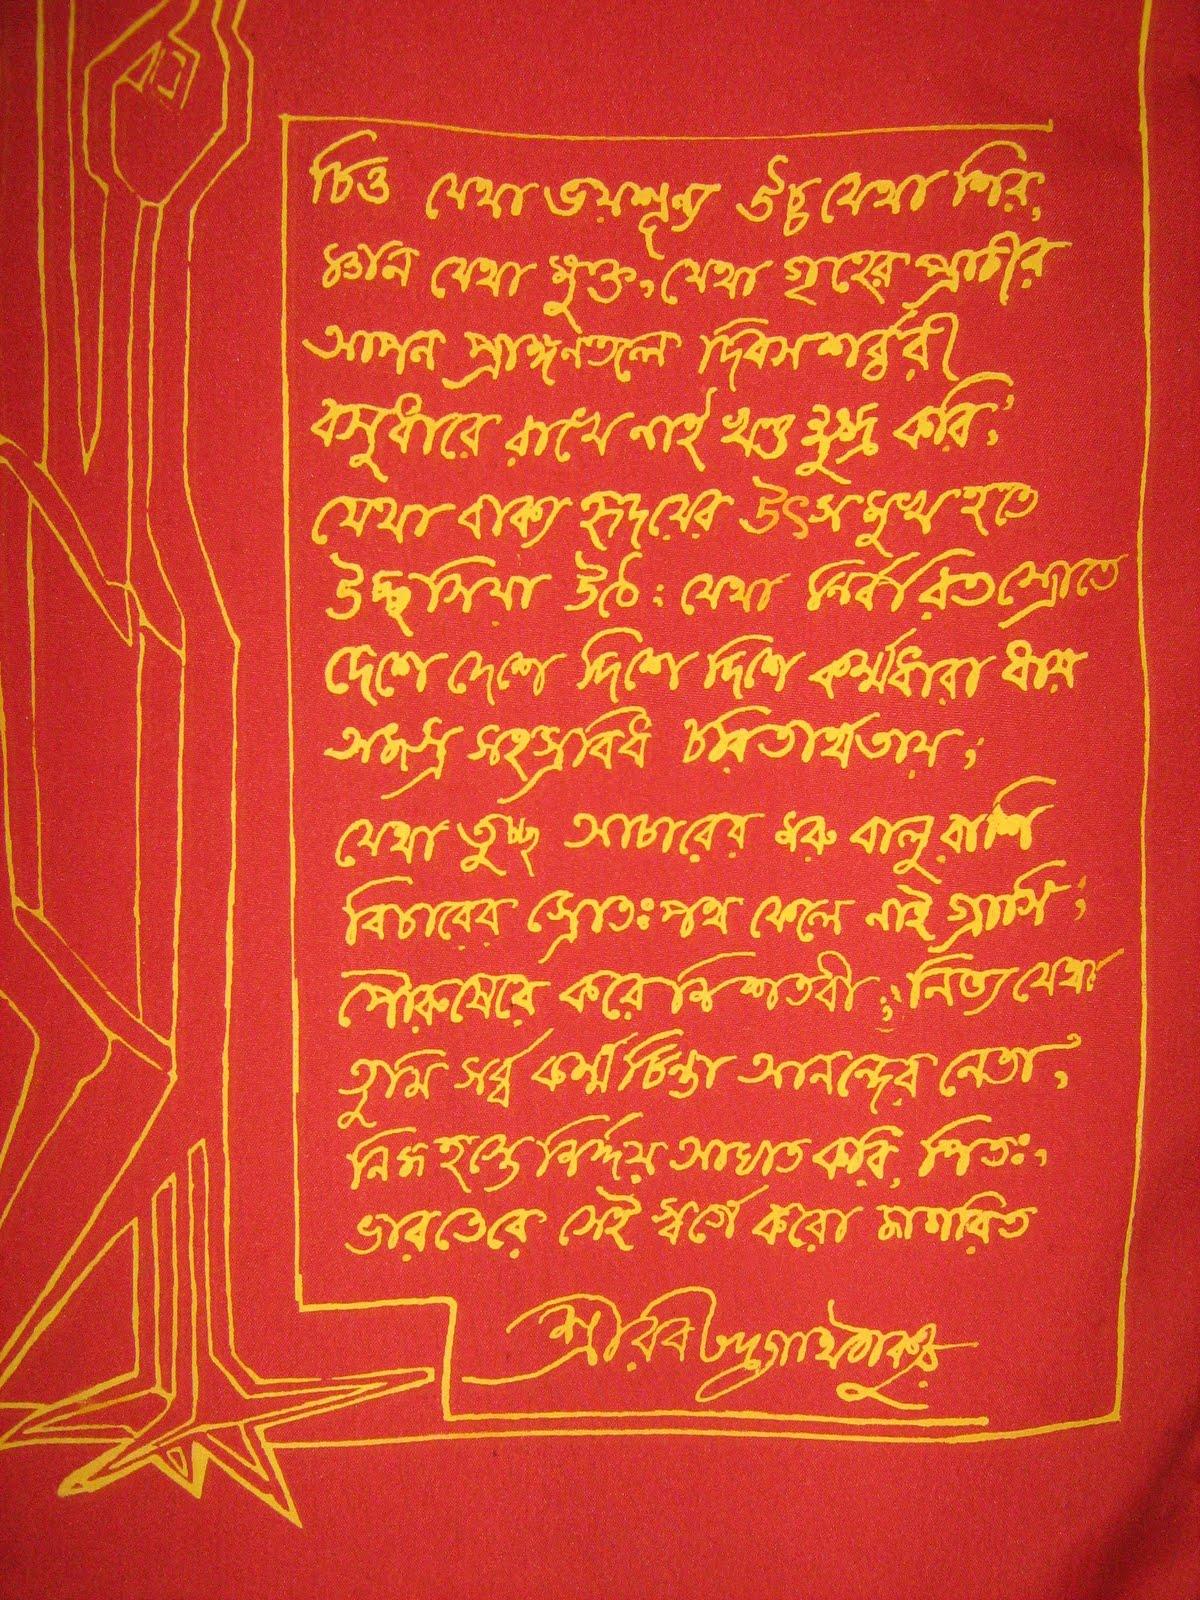 rabindranath tagore song